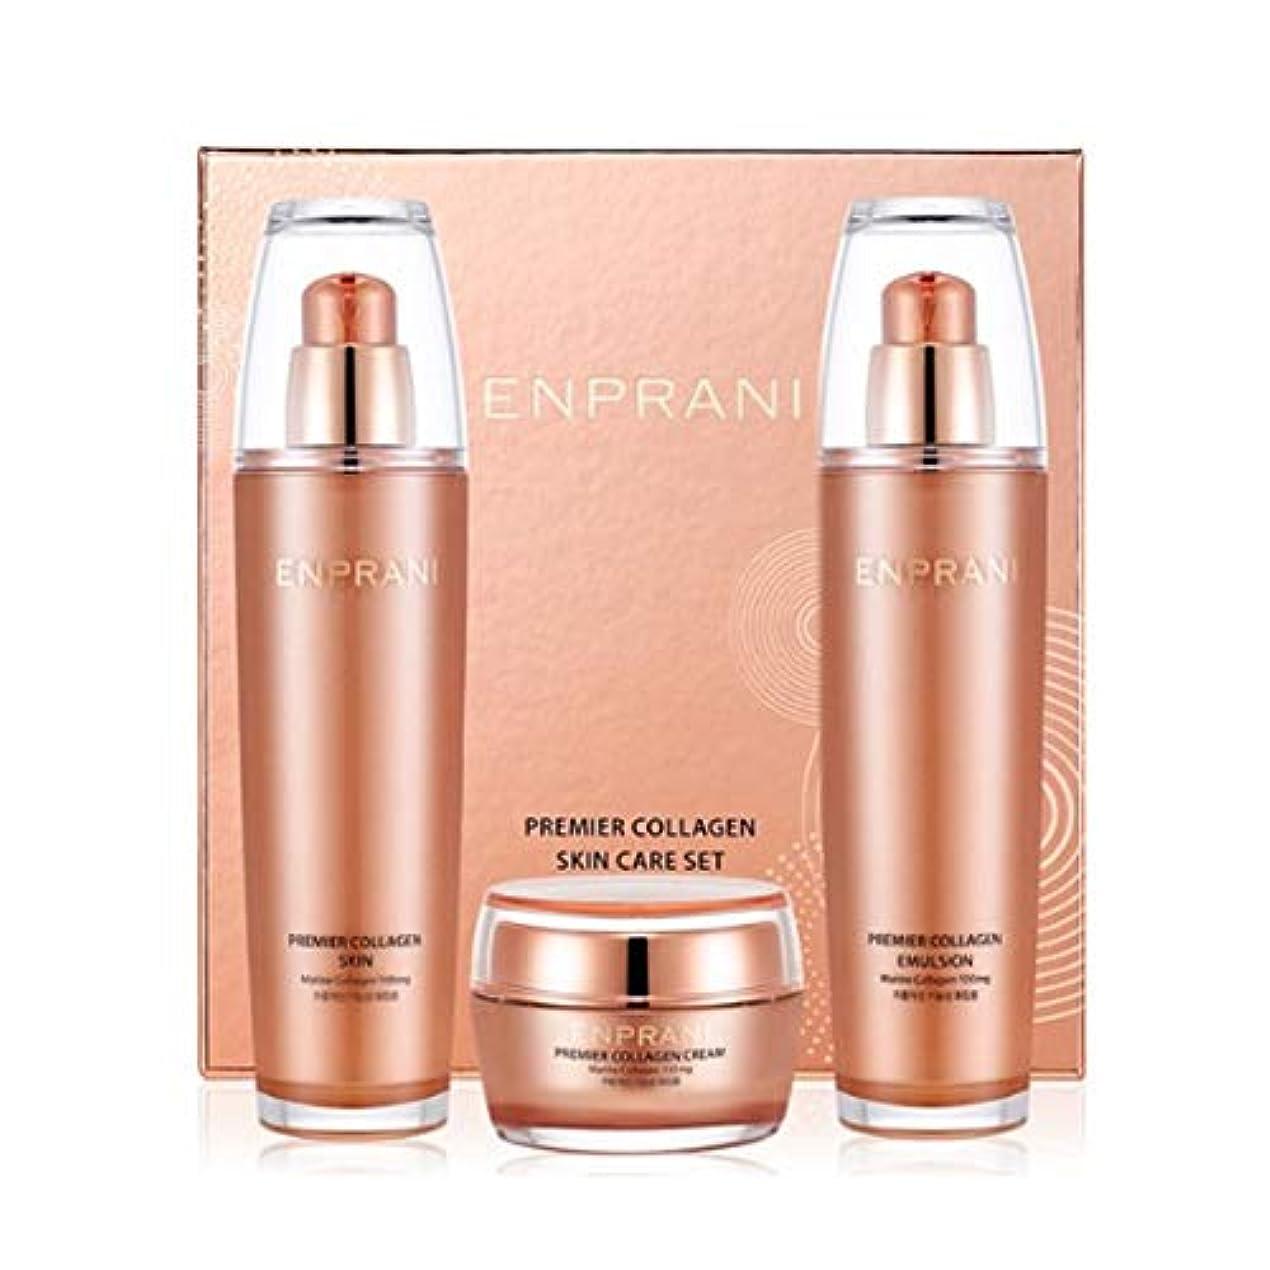 絶滅デザート変換するエンプラニ?プレミアコラーゲンセット(スキン125ml、エマルジョン125ml、クリーム50ml)、Enprani Premier Collagen Set (Skin、Emulsion、Cream) [並行輸入品]